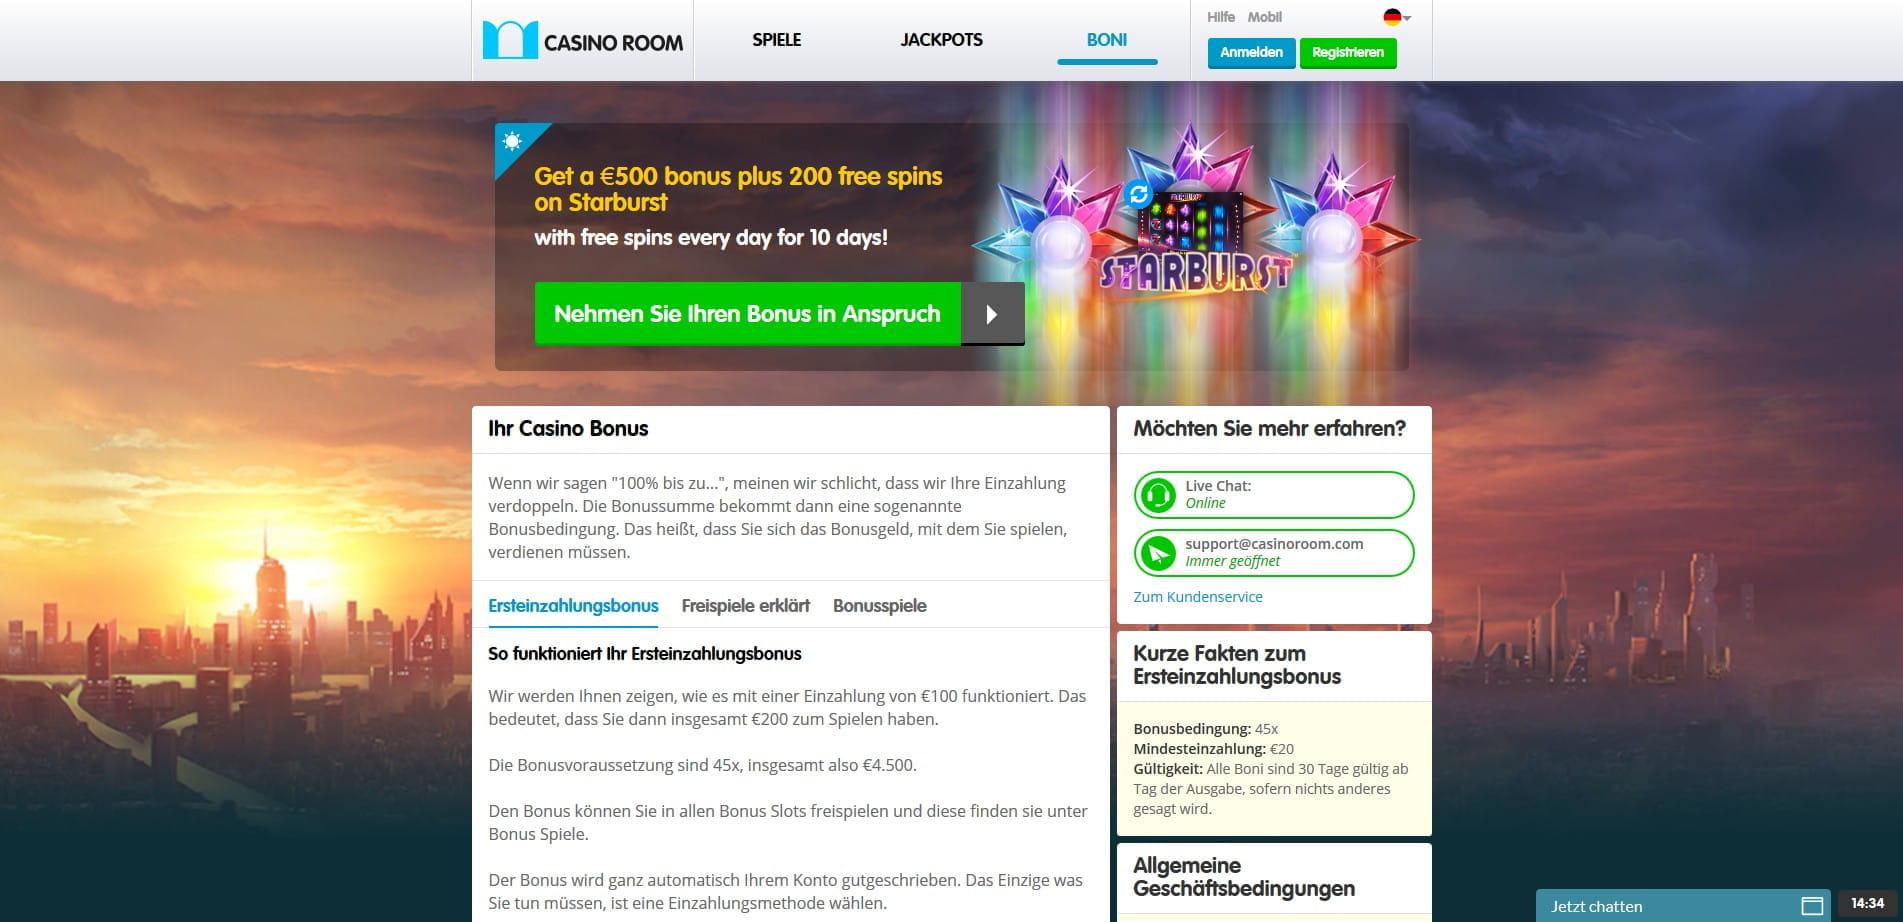 Bis zu € 350 Bonus und 100 Freispiele sichern